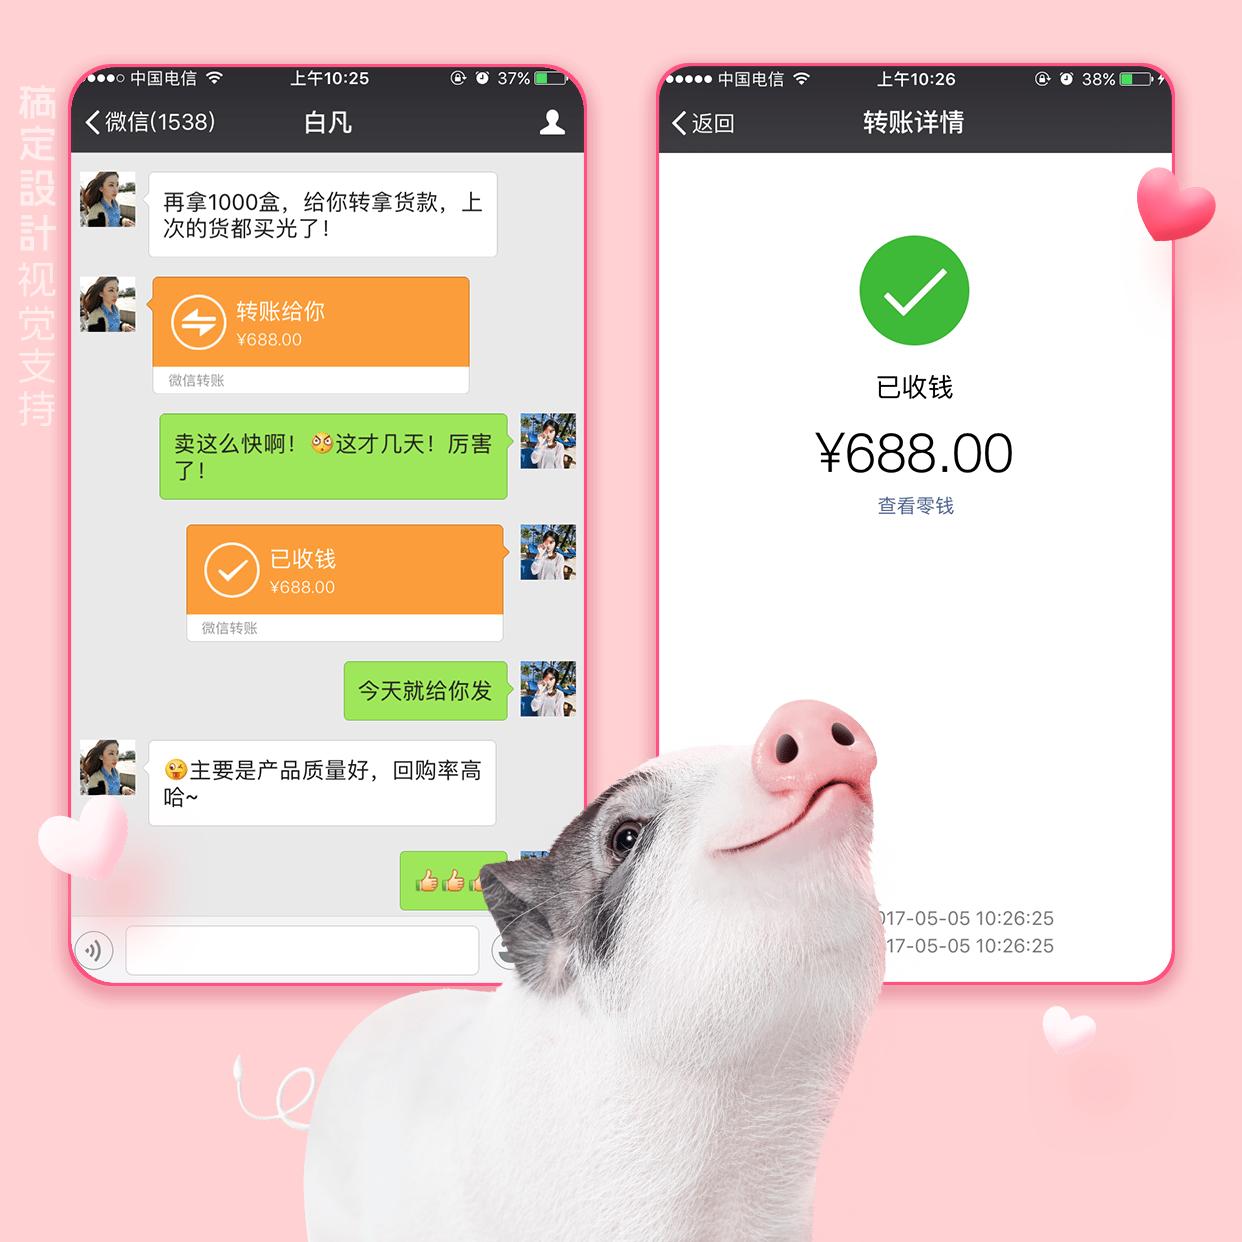 小香猪猪晒单方形海报